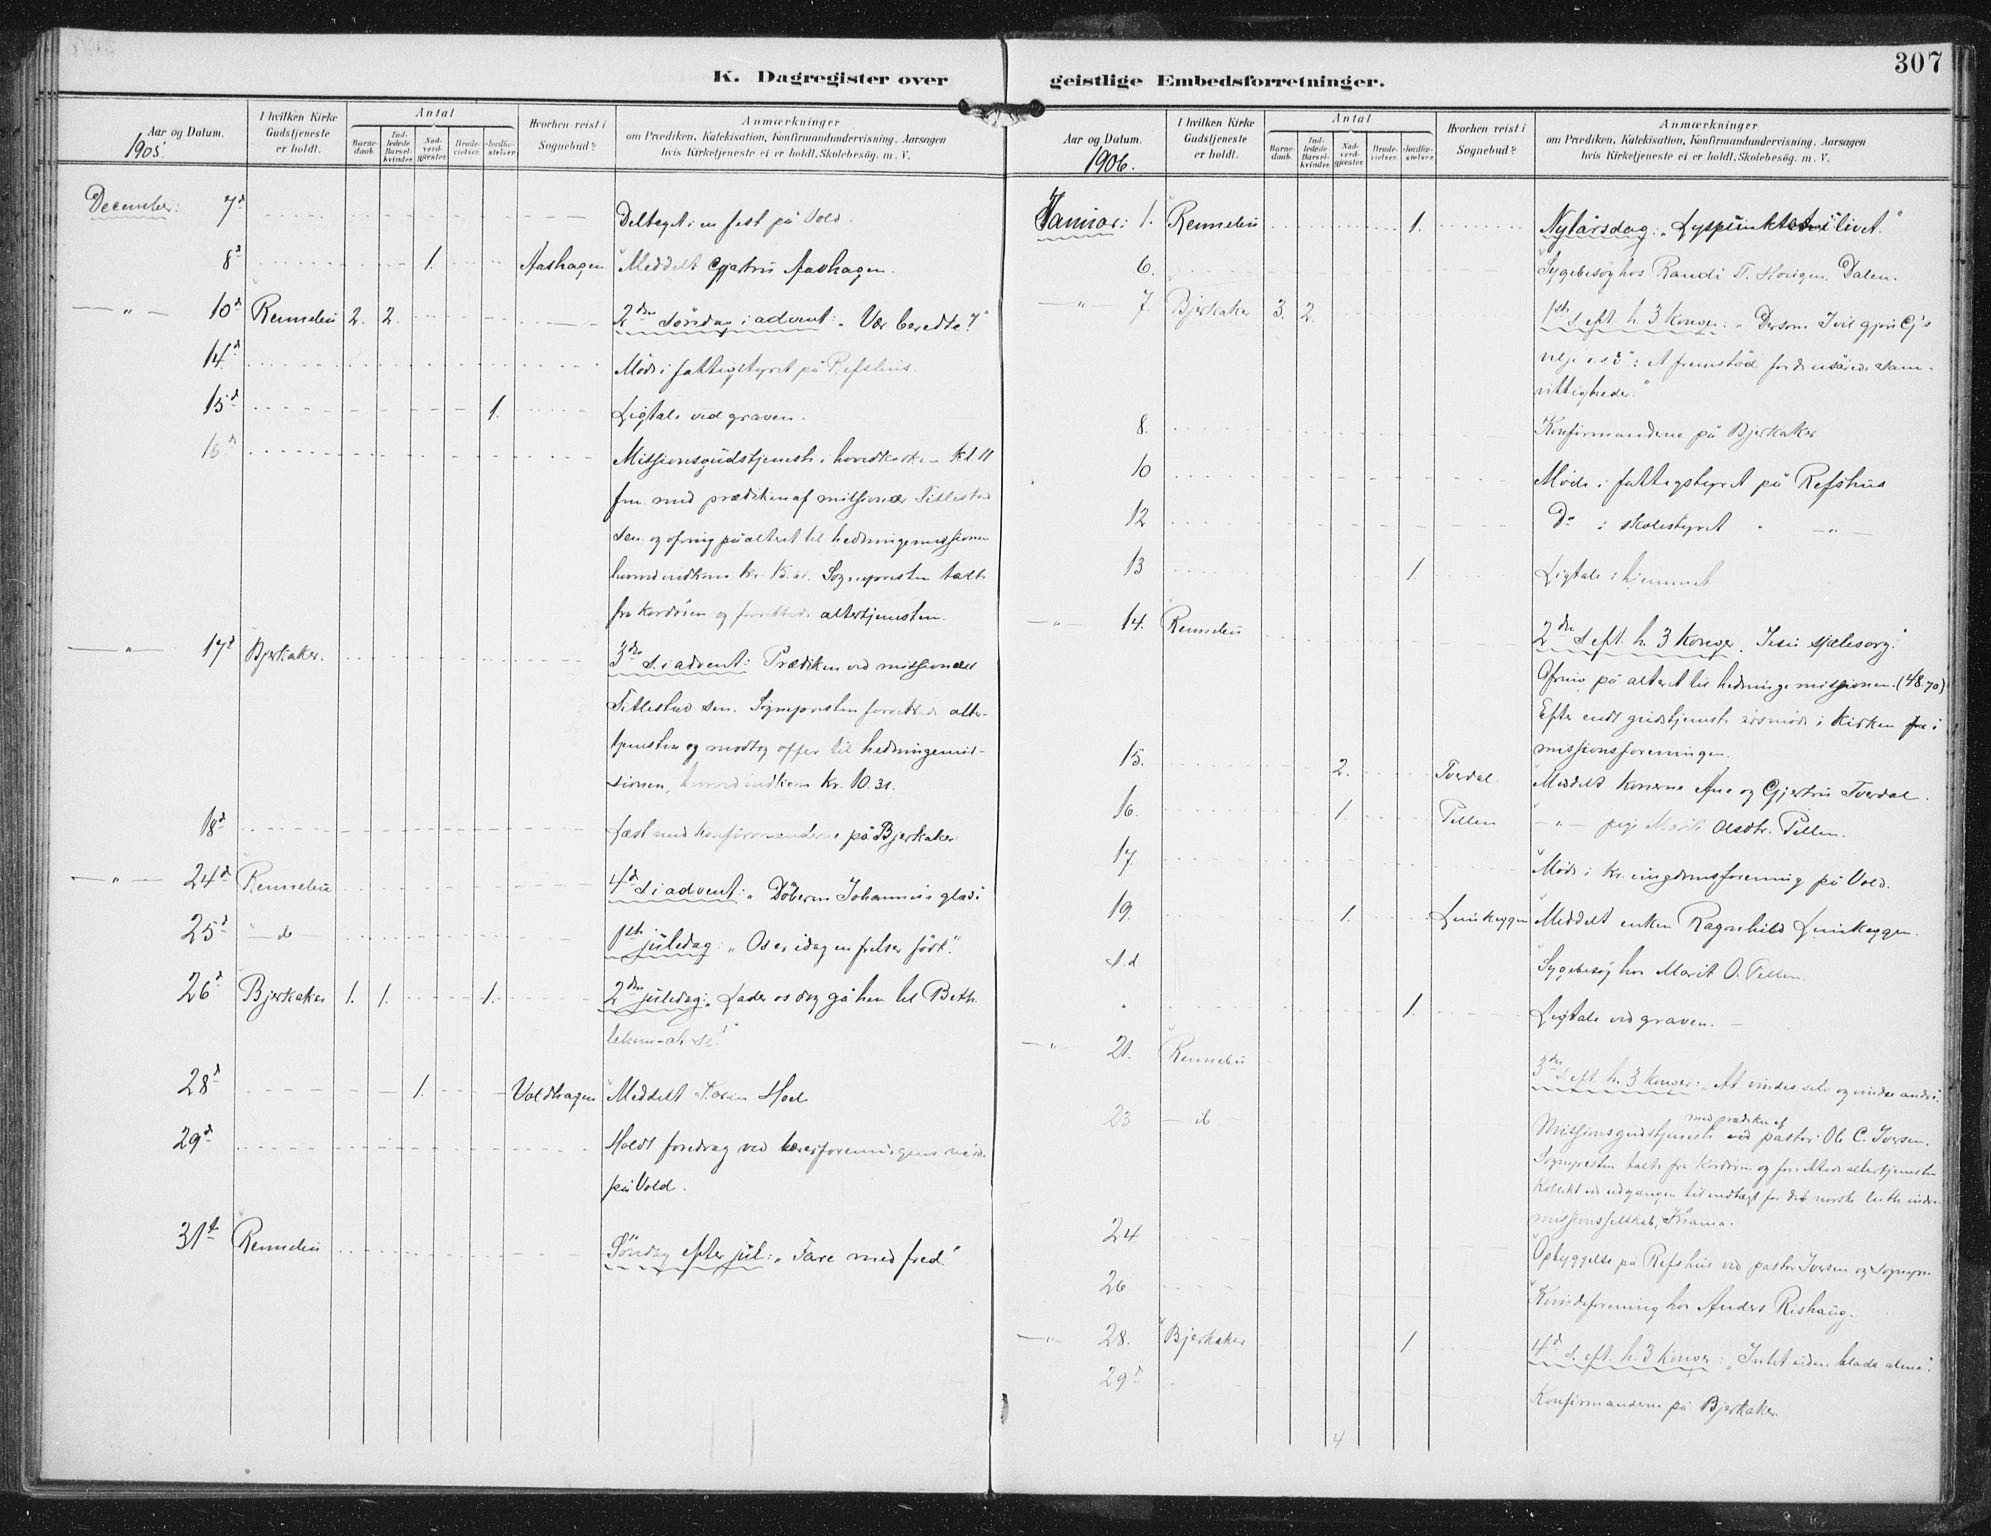 SAT, Ministerialprotokoller, klokkerbøker og fødselsregistre - Sør-Trøndelag, 674/L0872: Ministerialbok nr. 674A04, 1897-1907, s. 307